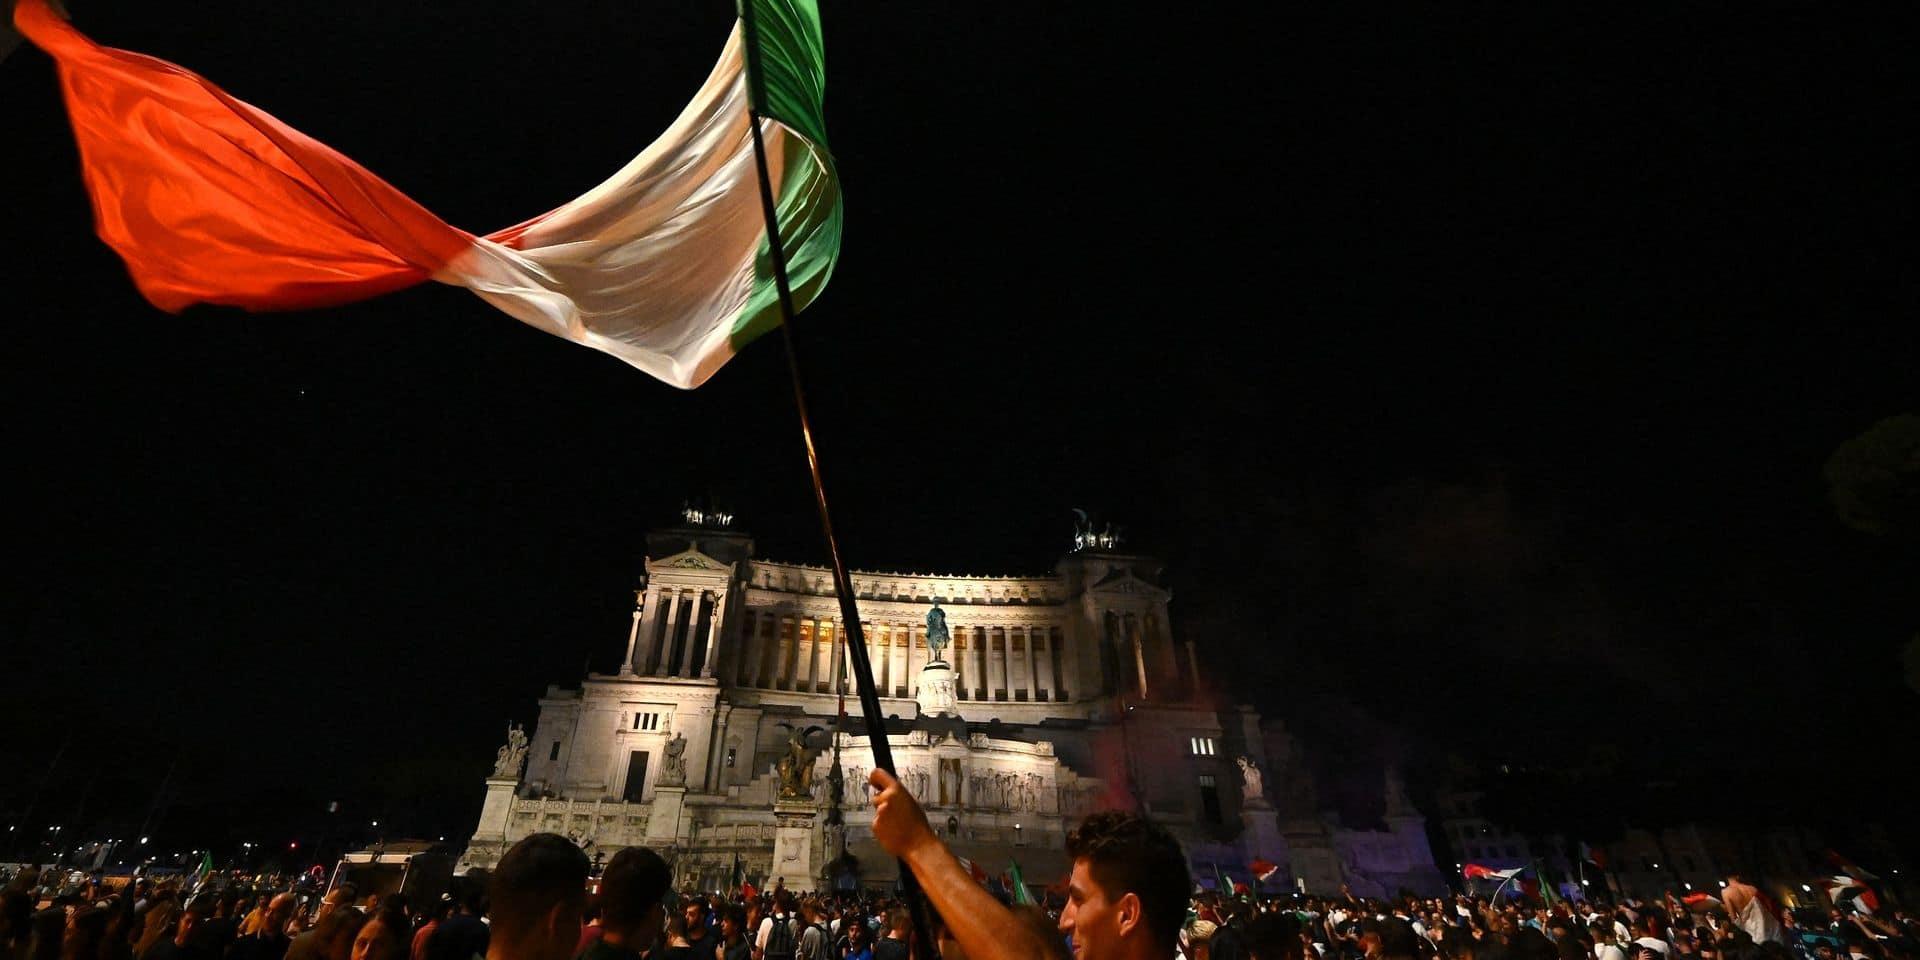 """Après leur sacre, les """"tifosi"""" expriment leur joie dans les grandes villes d'Italie"""